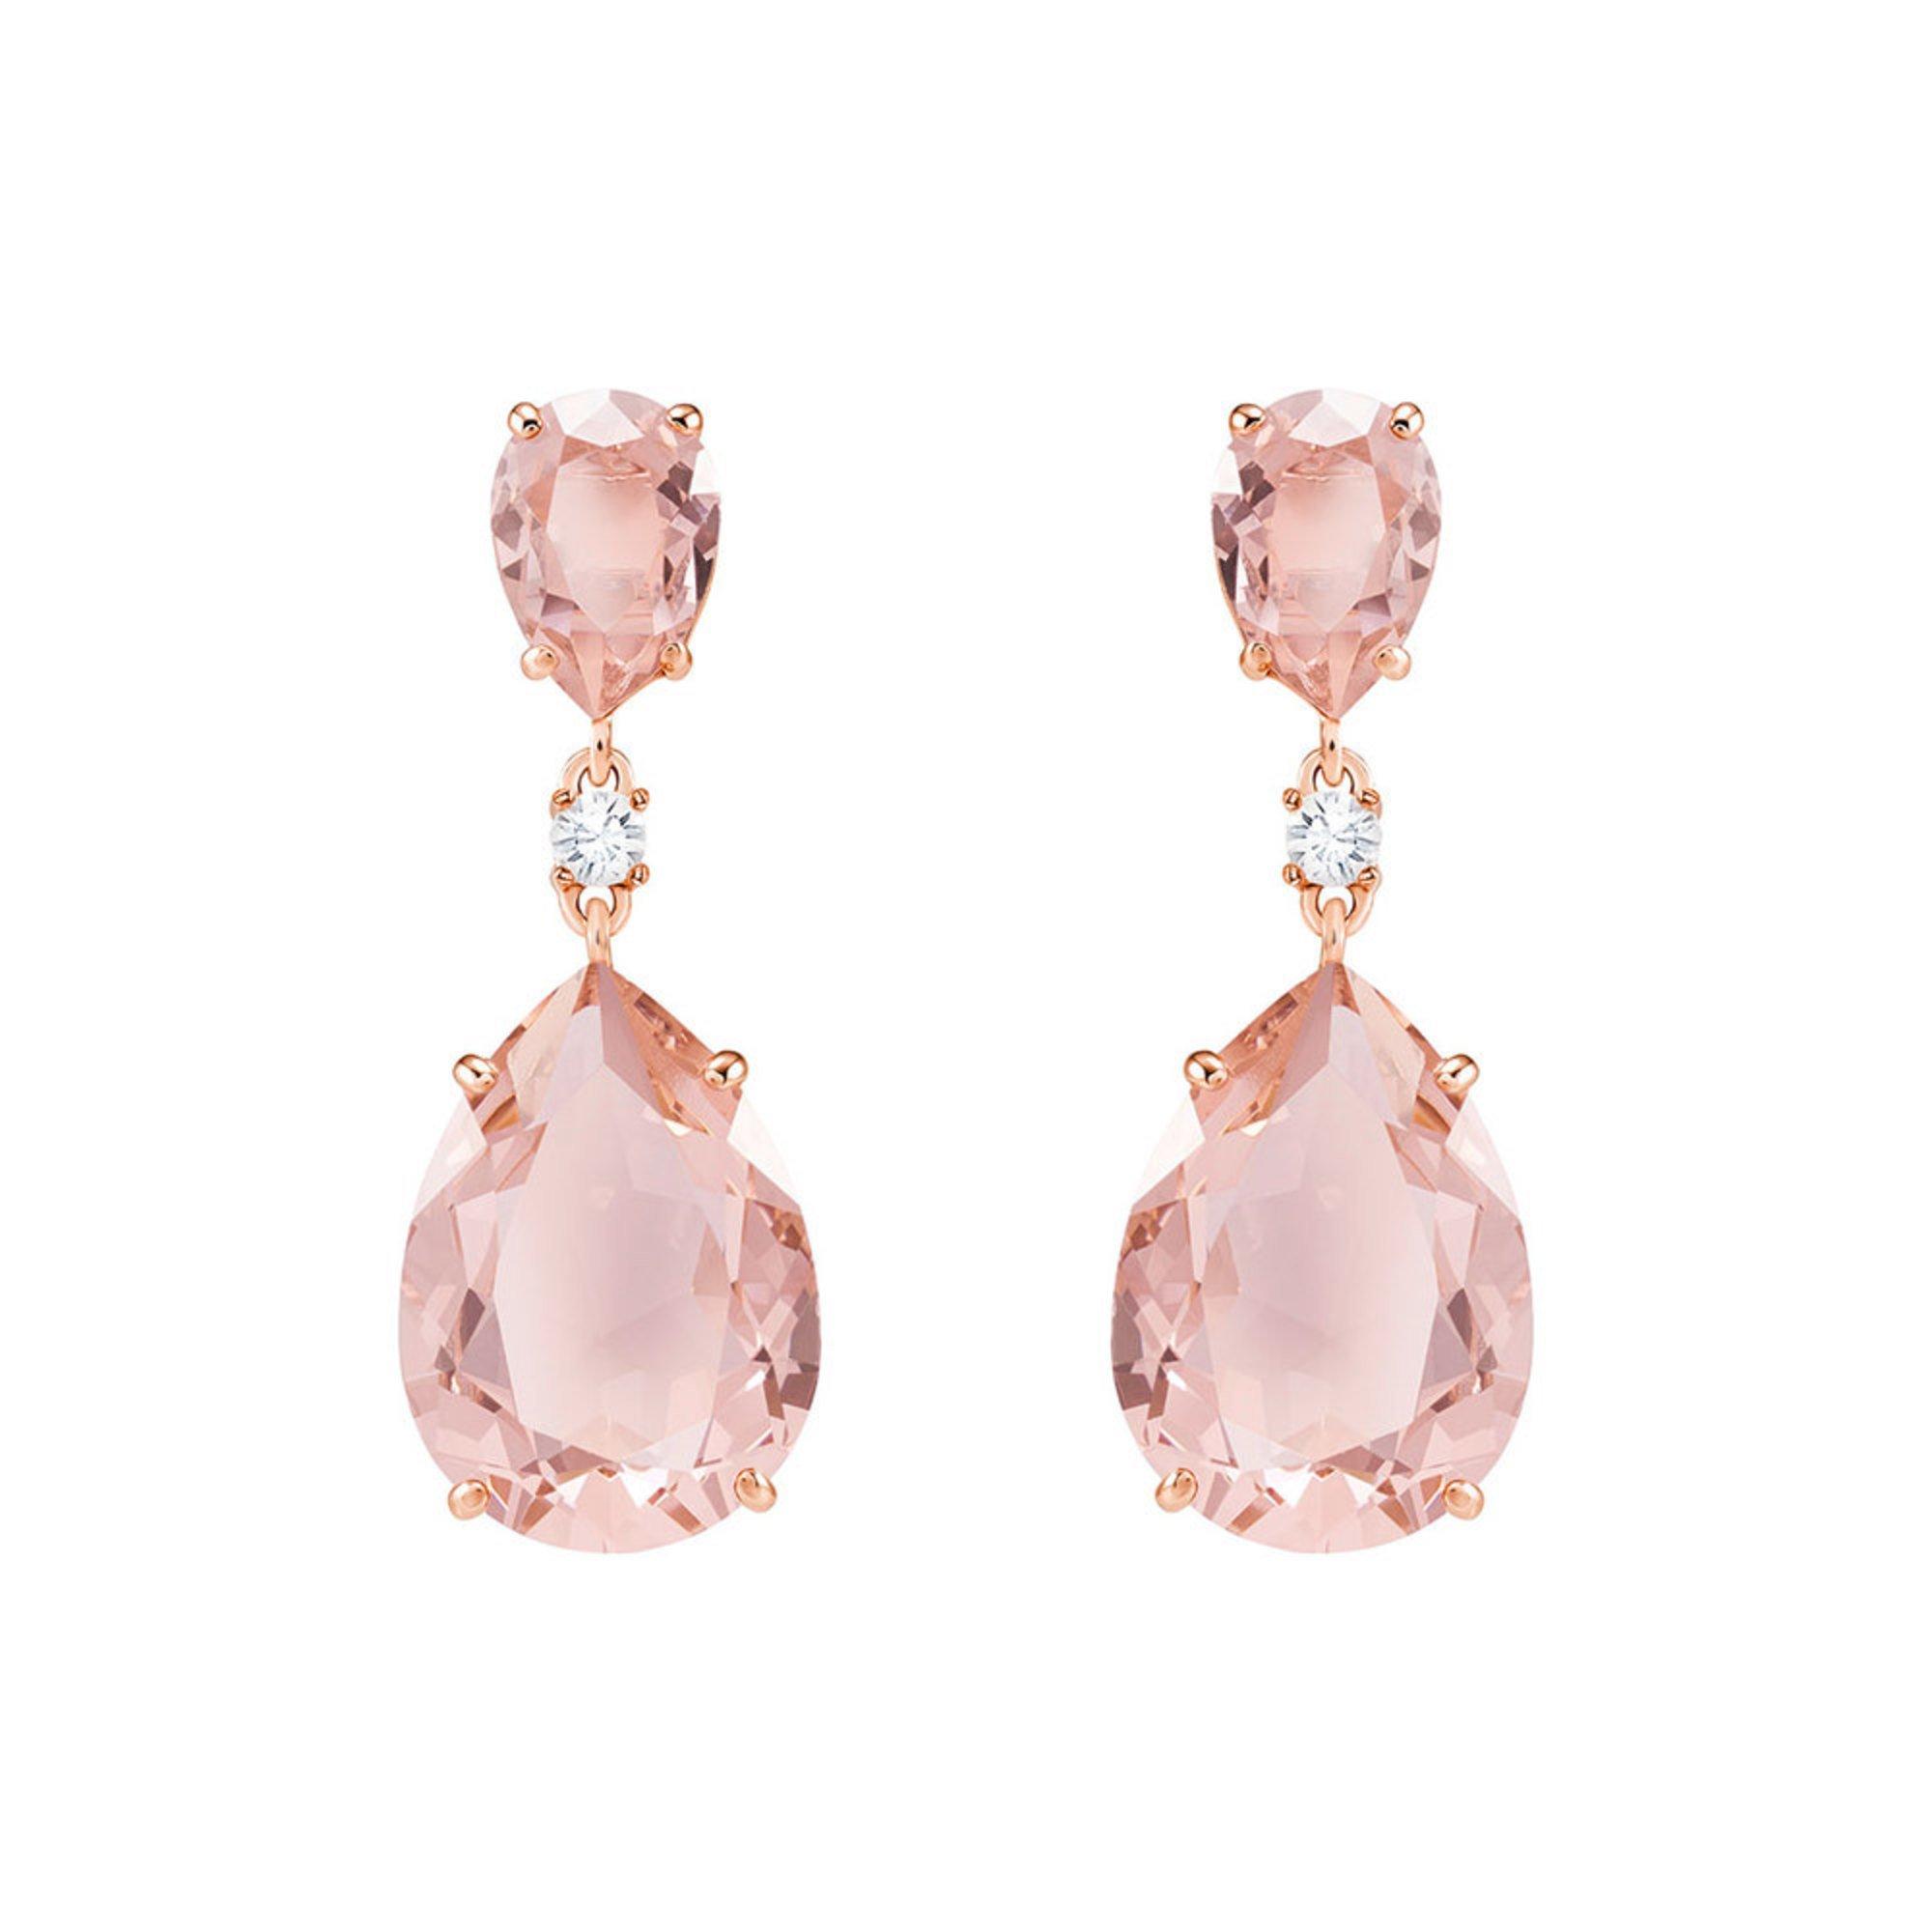 Swarovski Vintage Drop Pierced Earrings, Pink, Rhodium